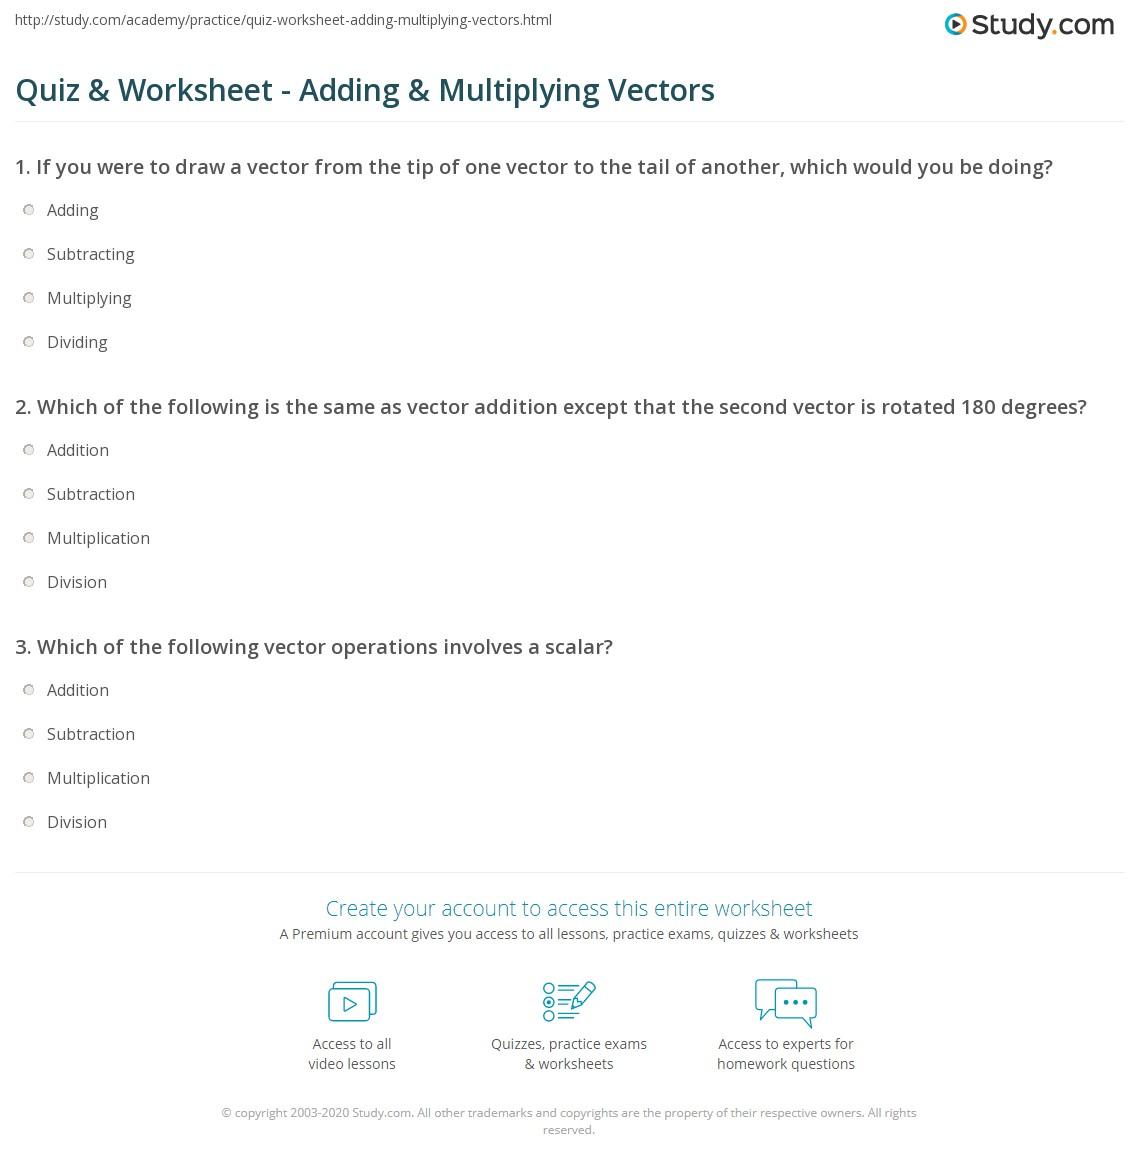 Worksheets Adding Vectors Worksheet quiz worksheet adding multiplying vectors study com print in math addition subtraction division multiplication worksheet